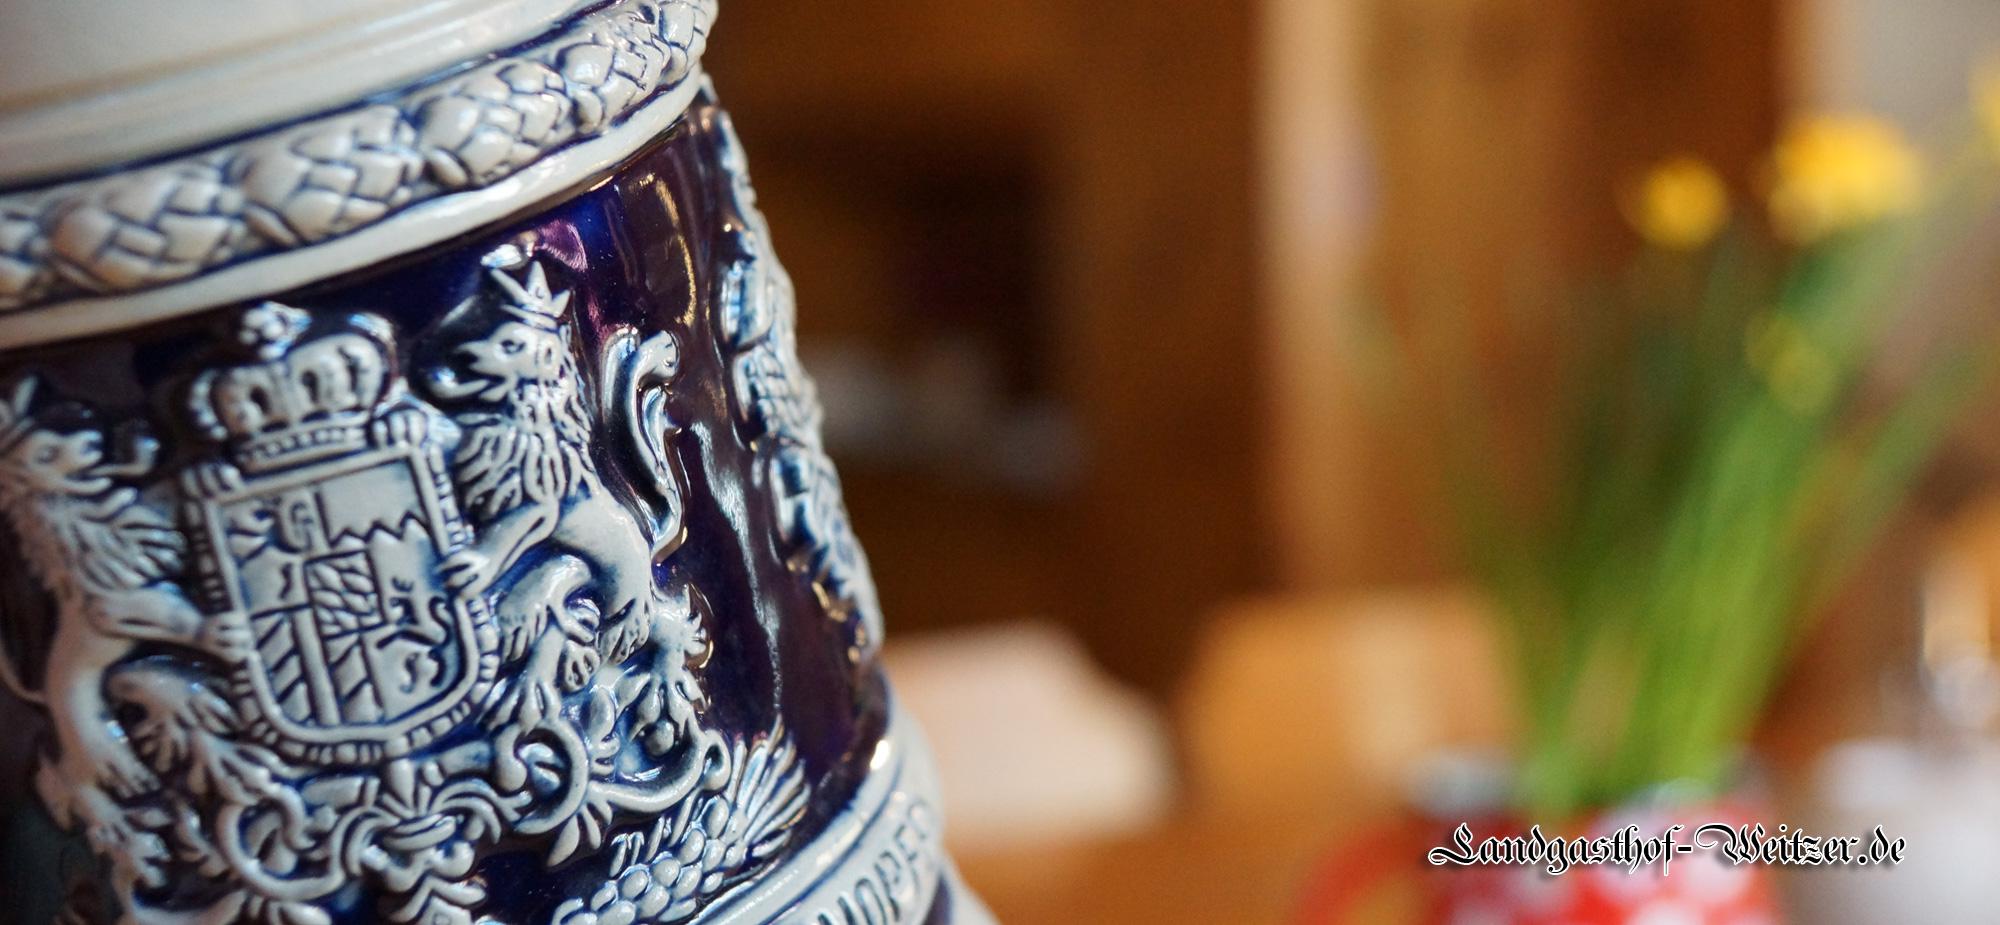 Bierausschank im traditionellen Steinkrug